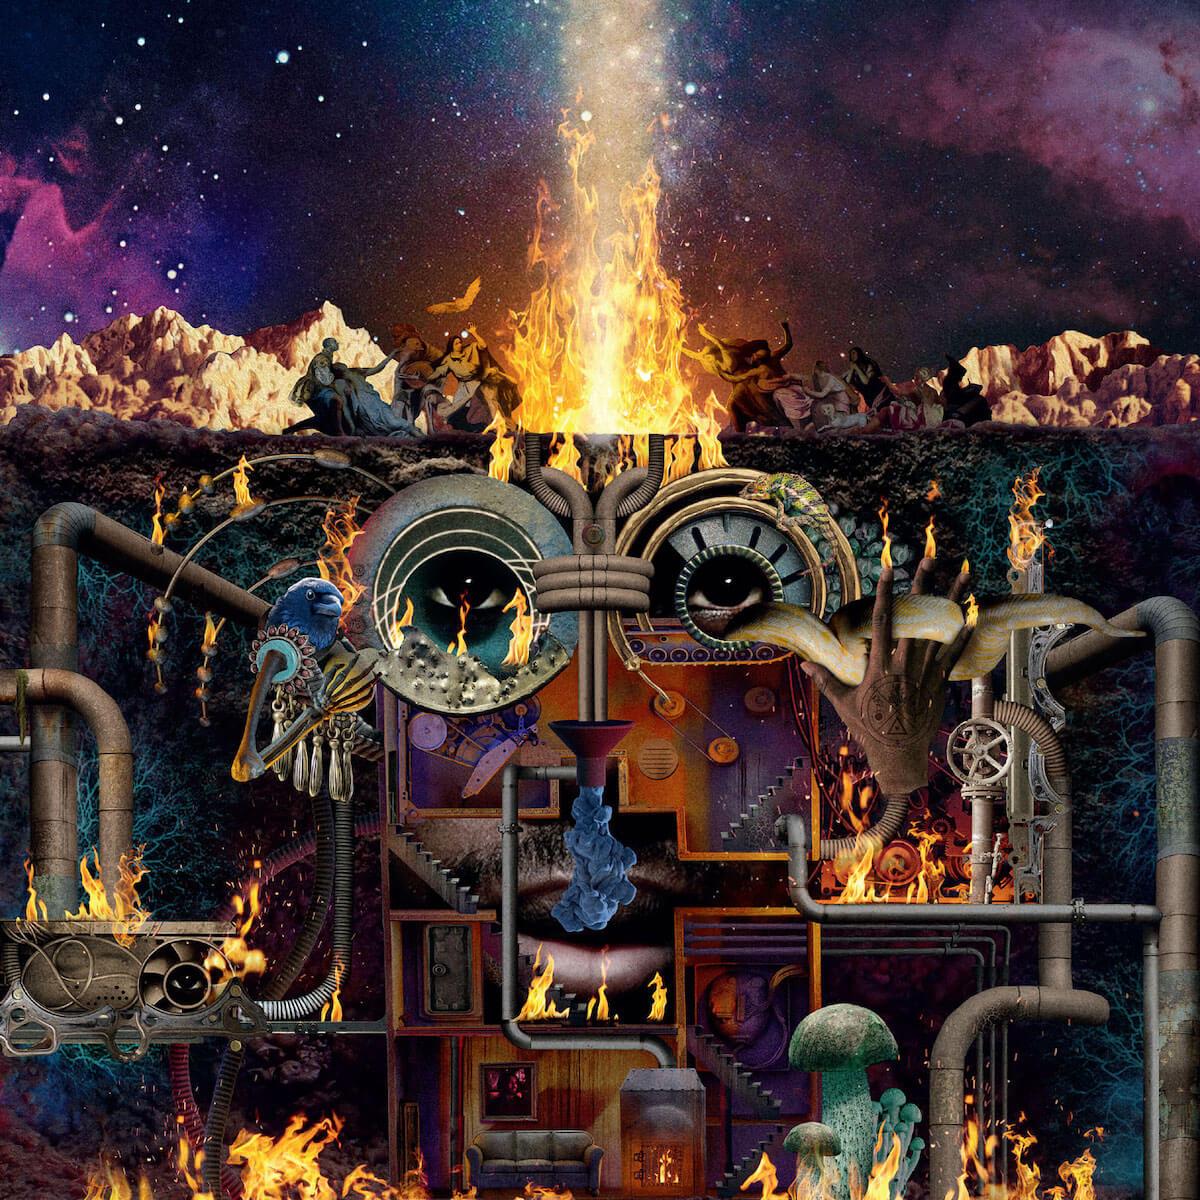 フライング・ロータス待望の最新作『FLAMAGRA』より、アンダーソン・パーク参加の新曲『MORE』が解禁! Flamagra_jaket